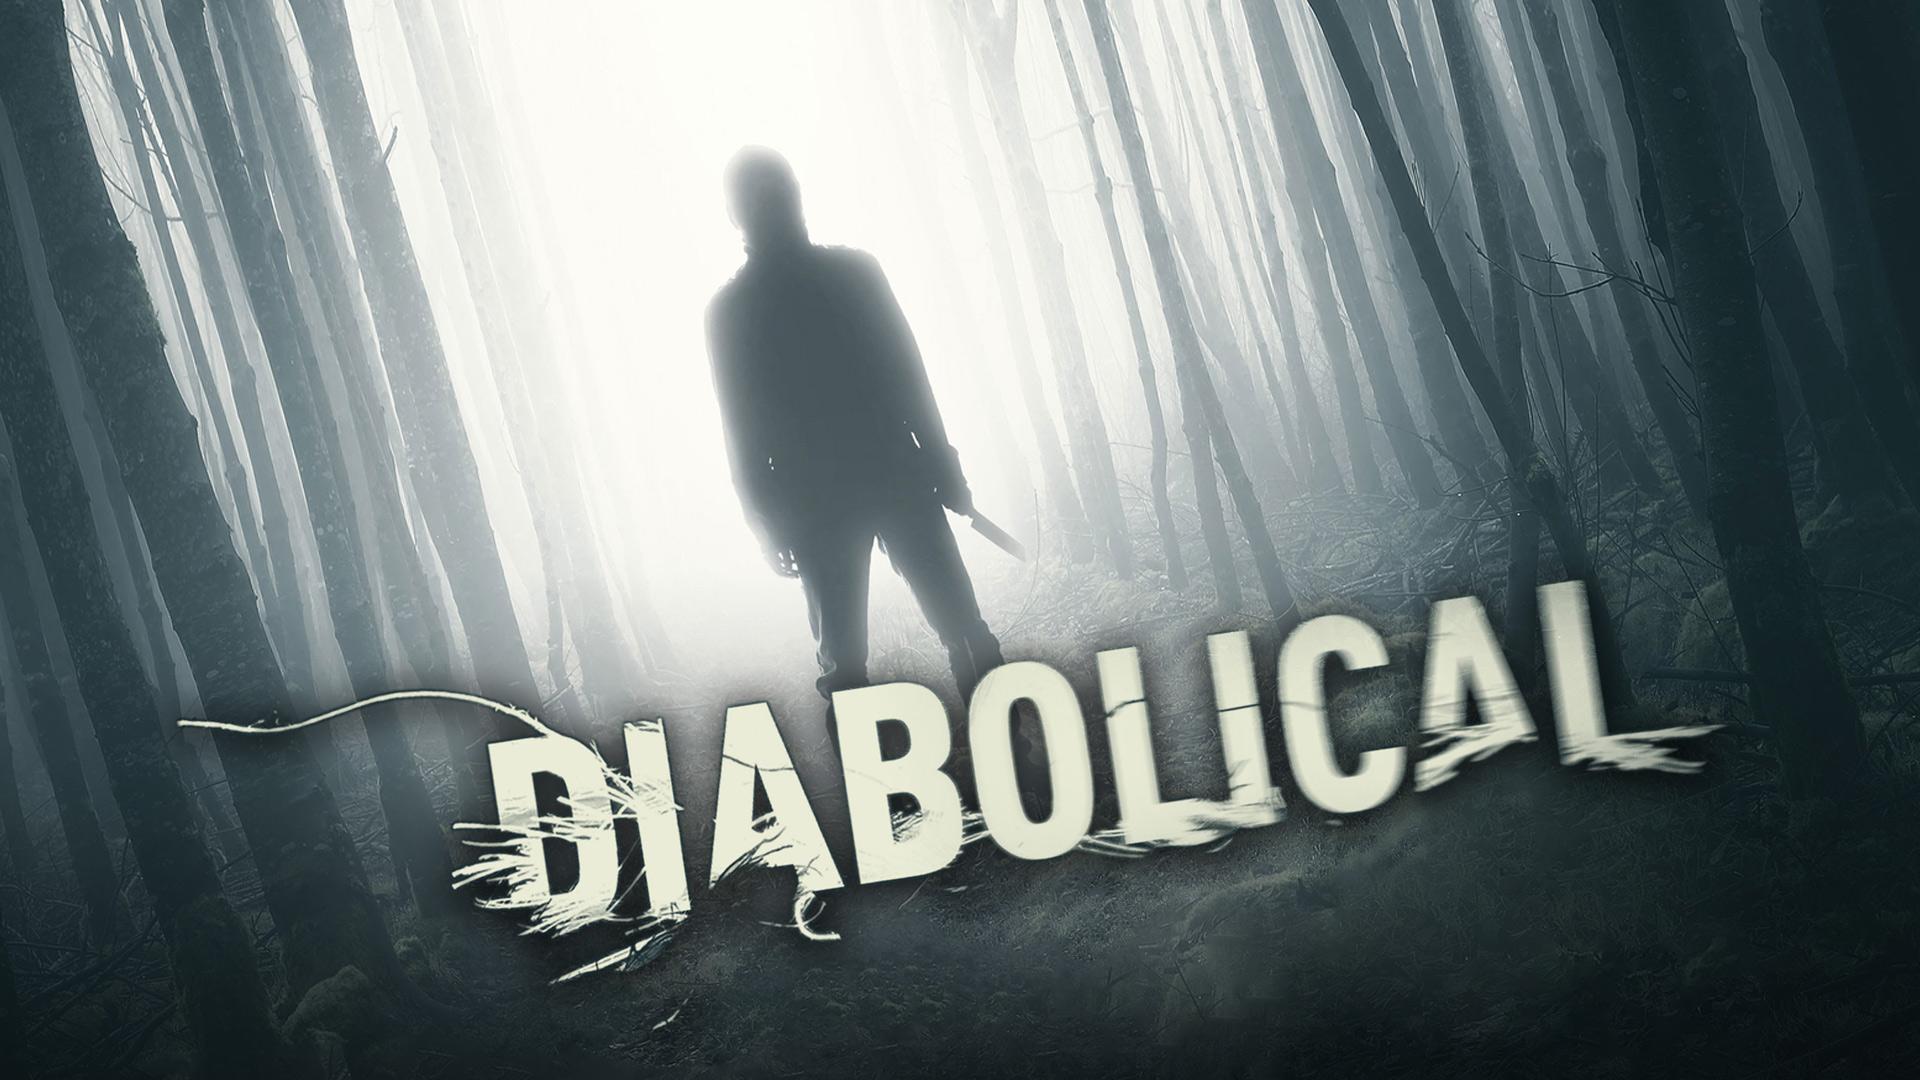 Diabolical - Season 1